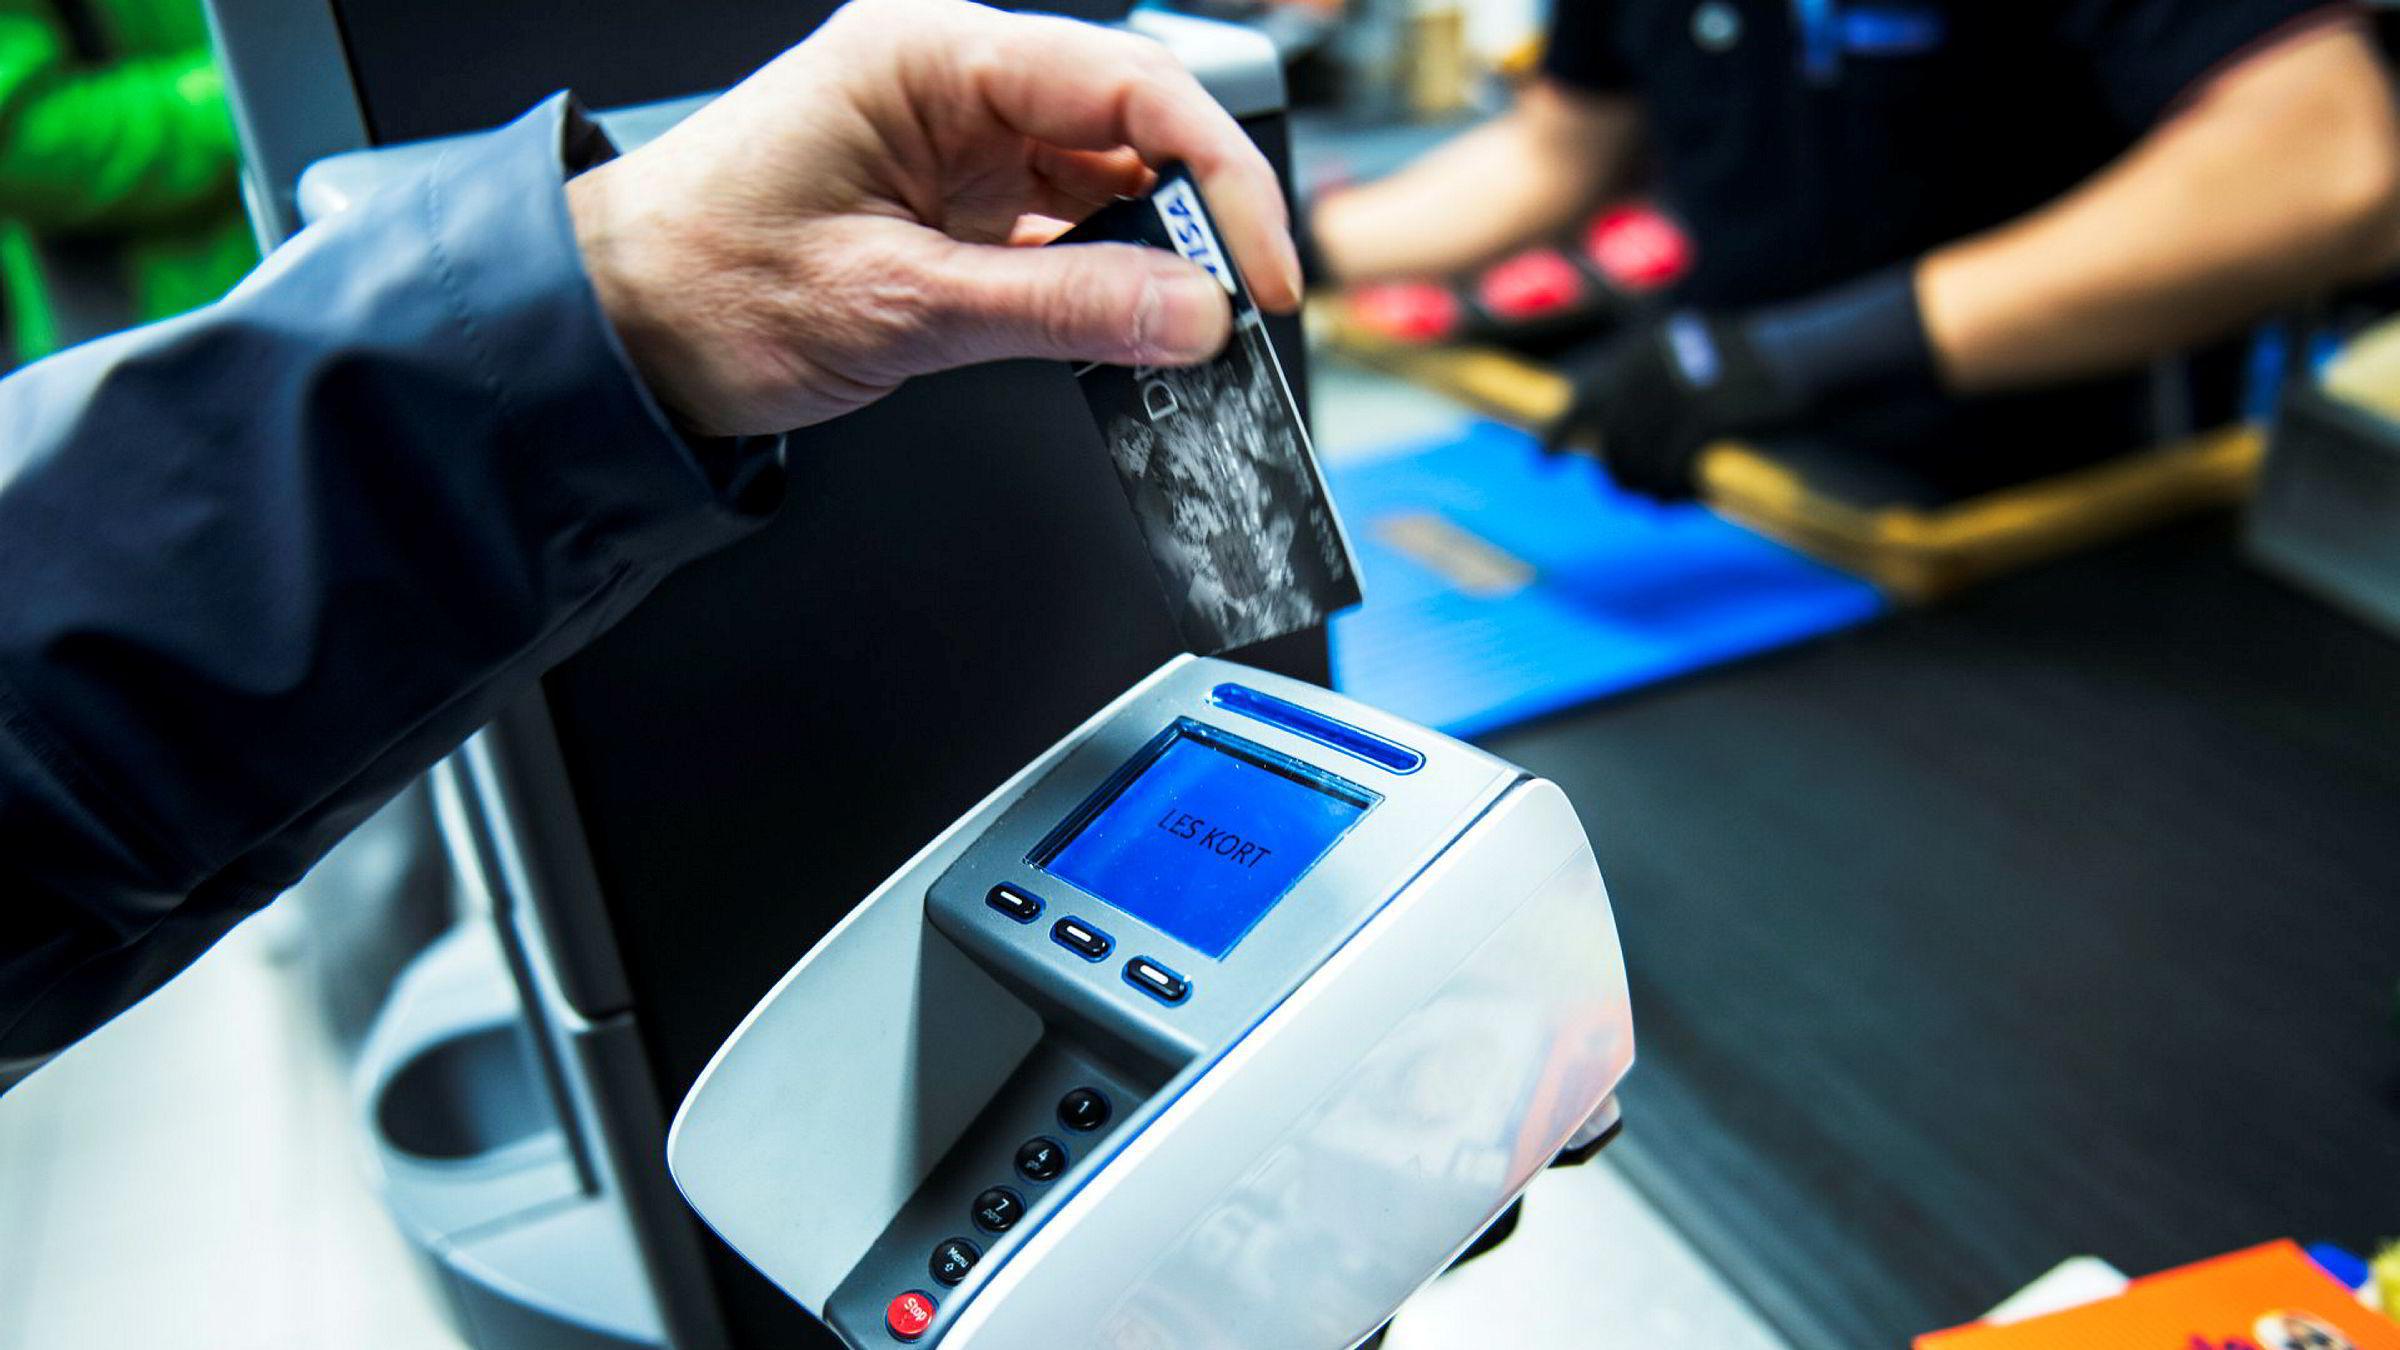 Usikret kreditt, enten via et forbrukslån eller et kredittkort, er nyttige produkter for den enkelte og samfunnet - hvis de brukes riktig.